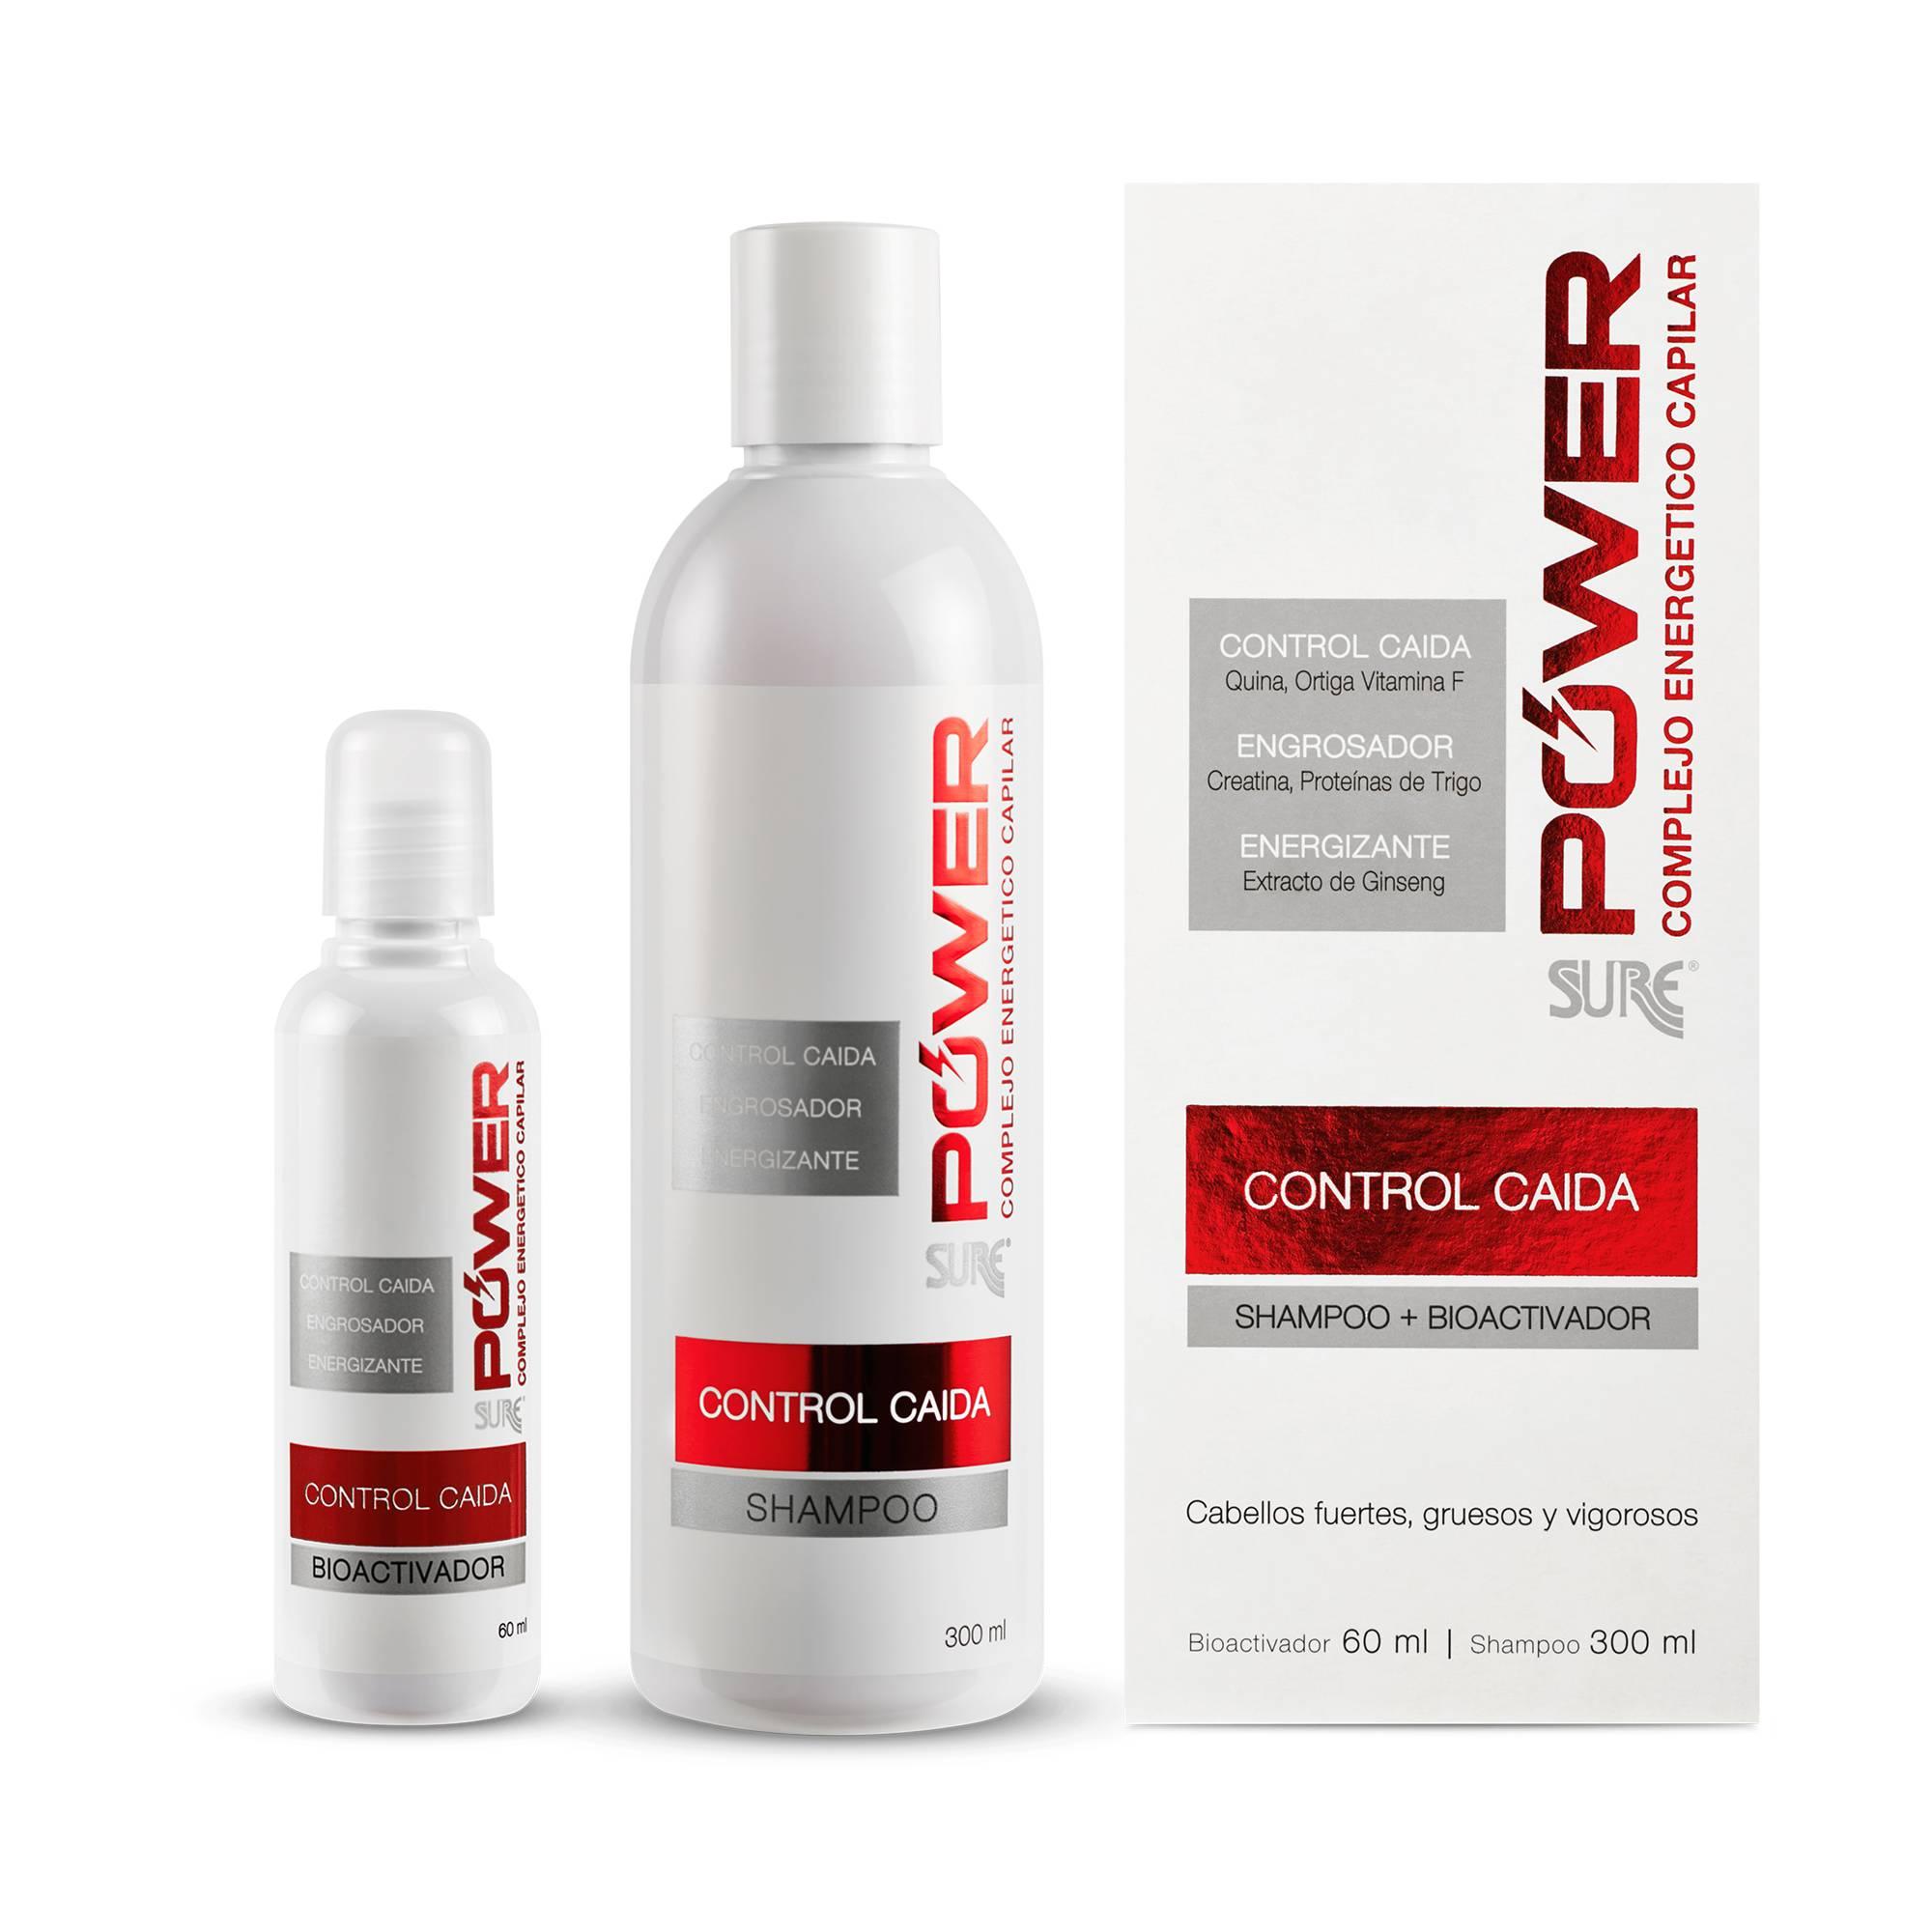 Fithoplasma Sure Shampoo mas Bioactivador Control Caída Power